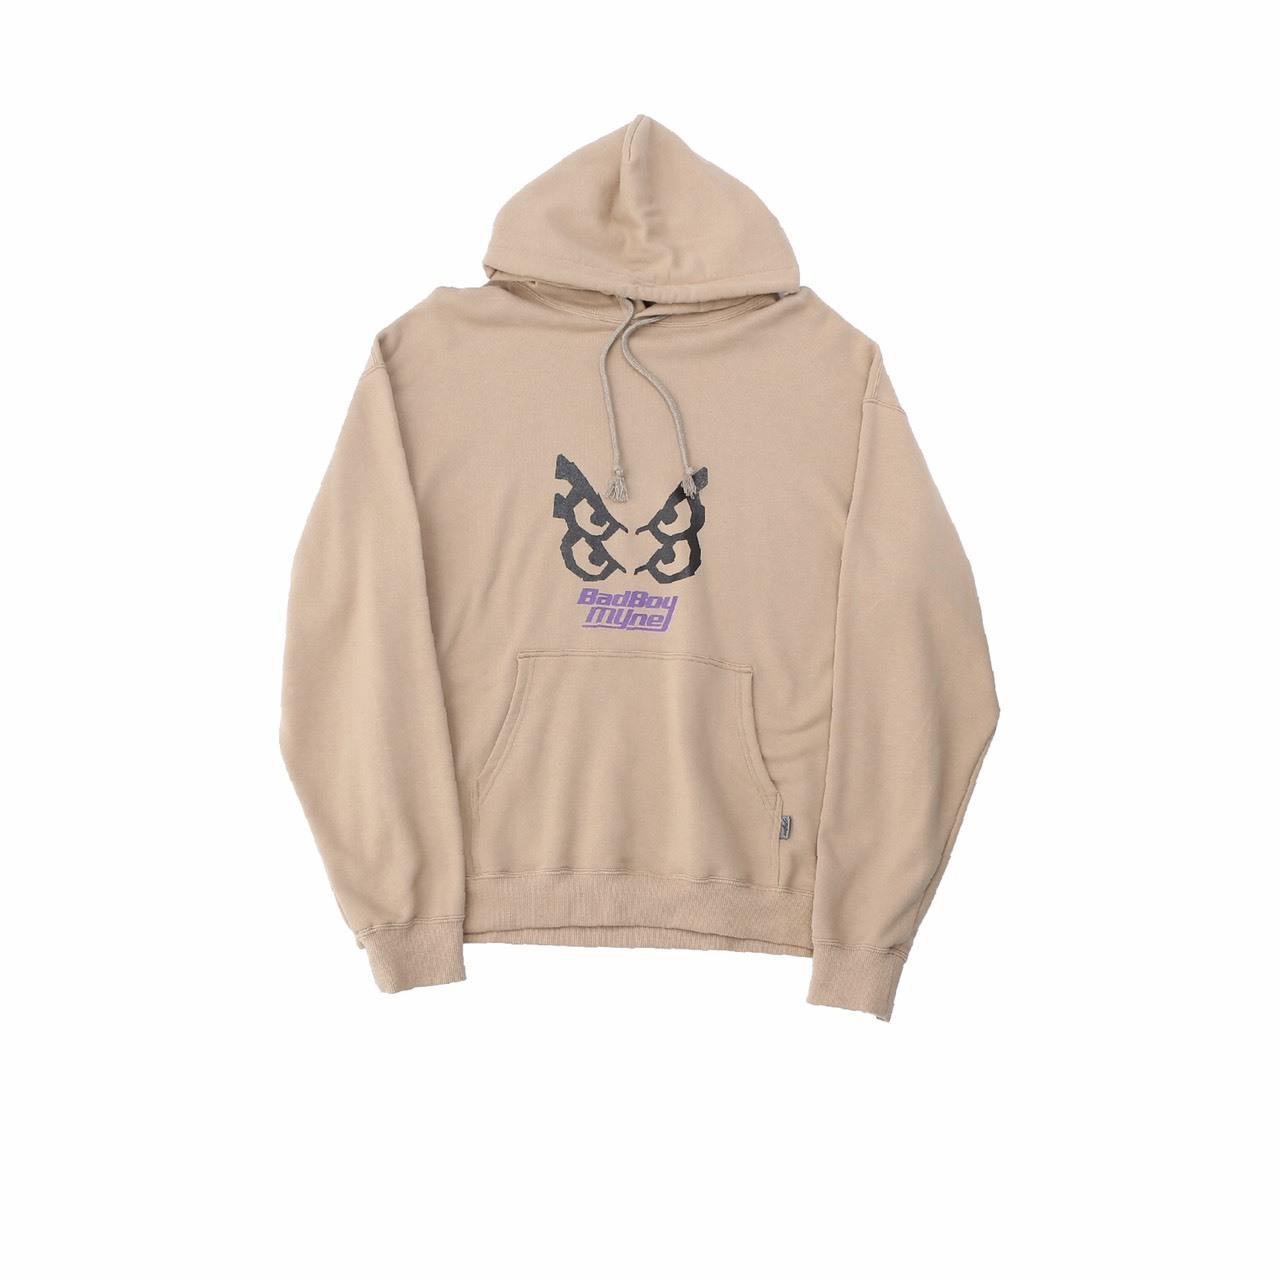 【10%OFF】MYne × BADBOY hoodie / BEIGE - 画像1